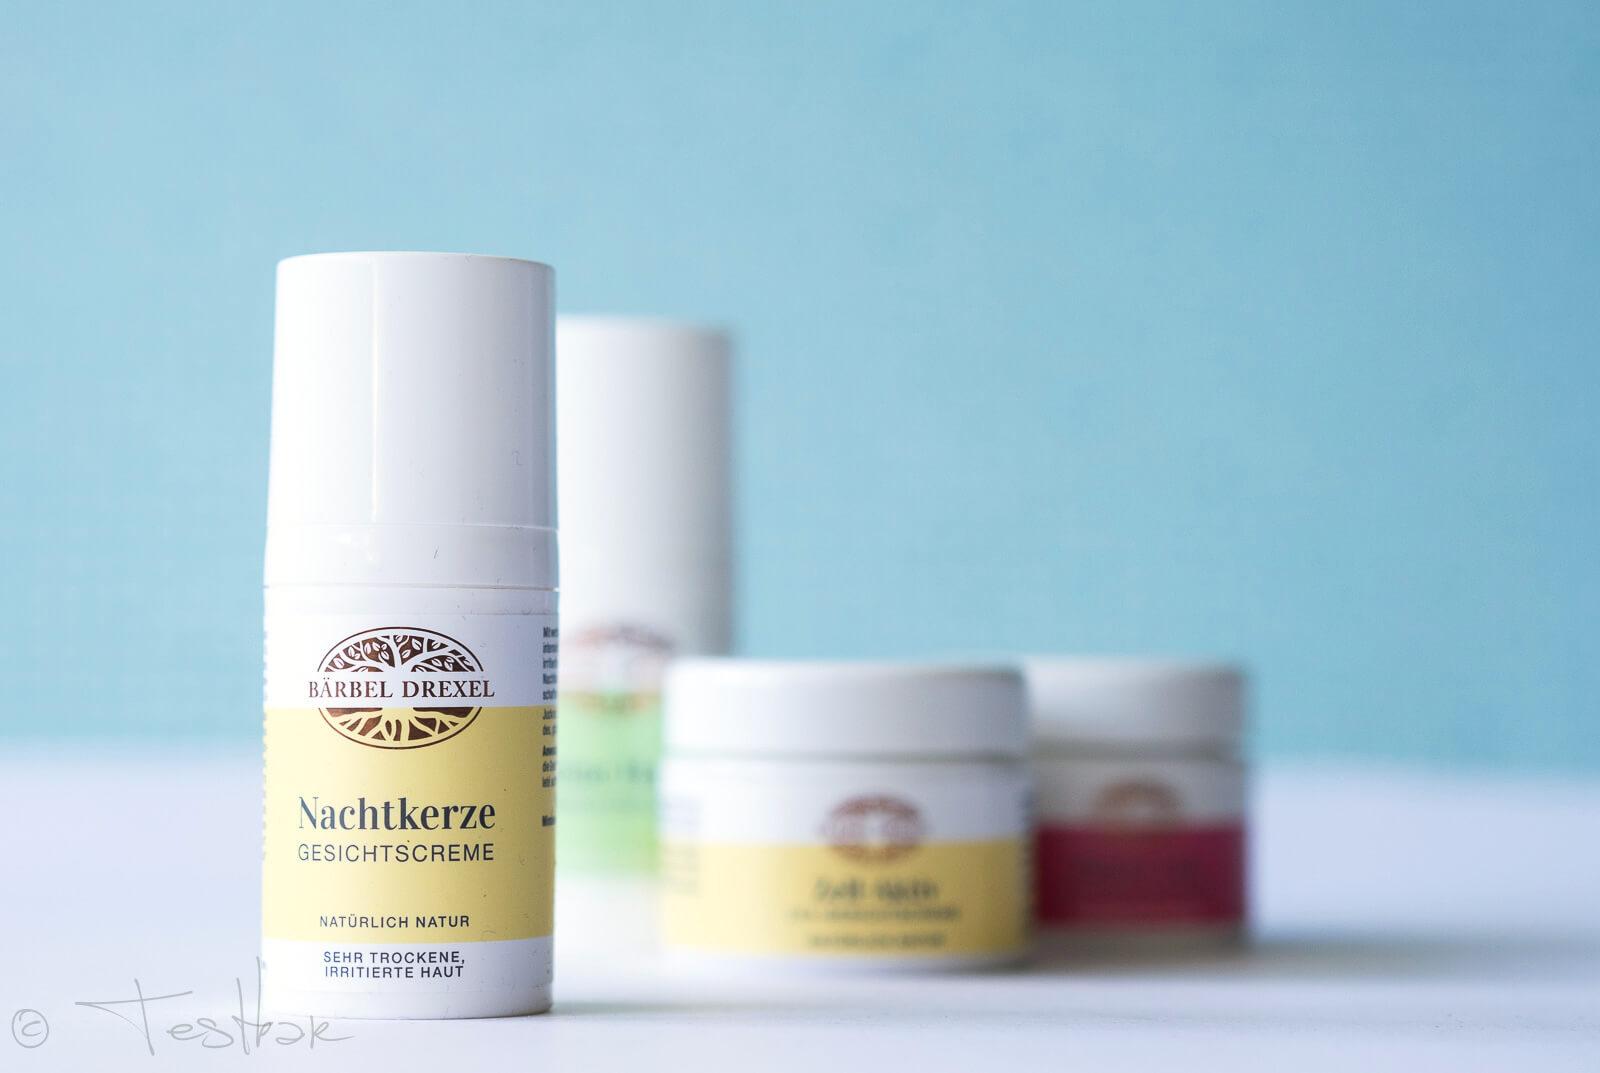 Nachtkerze Gesichtscreme - Pflege für sehr trockene Haut von Bärbel Drexel